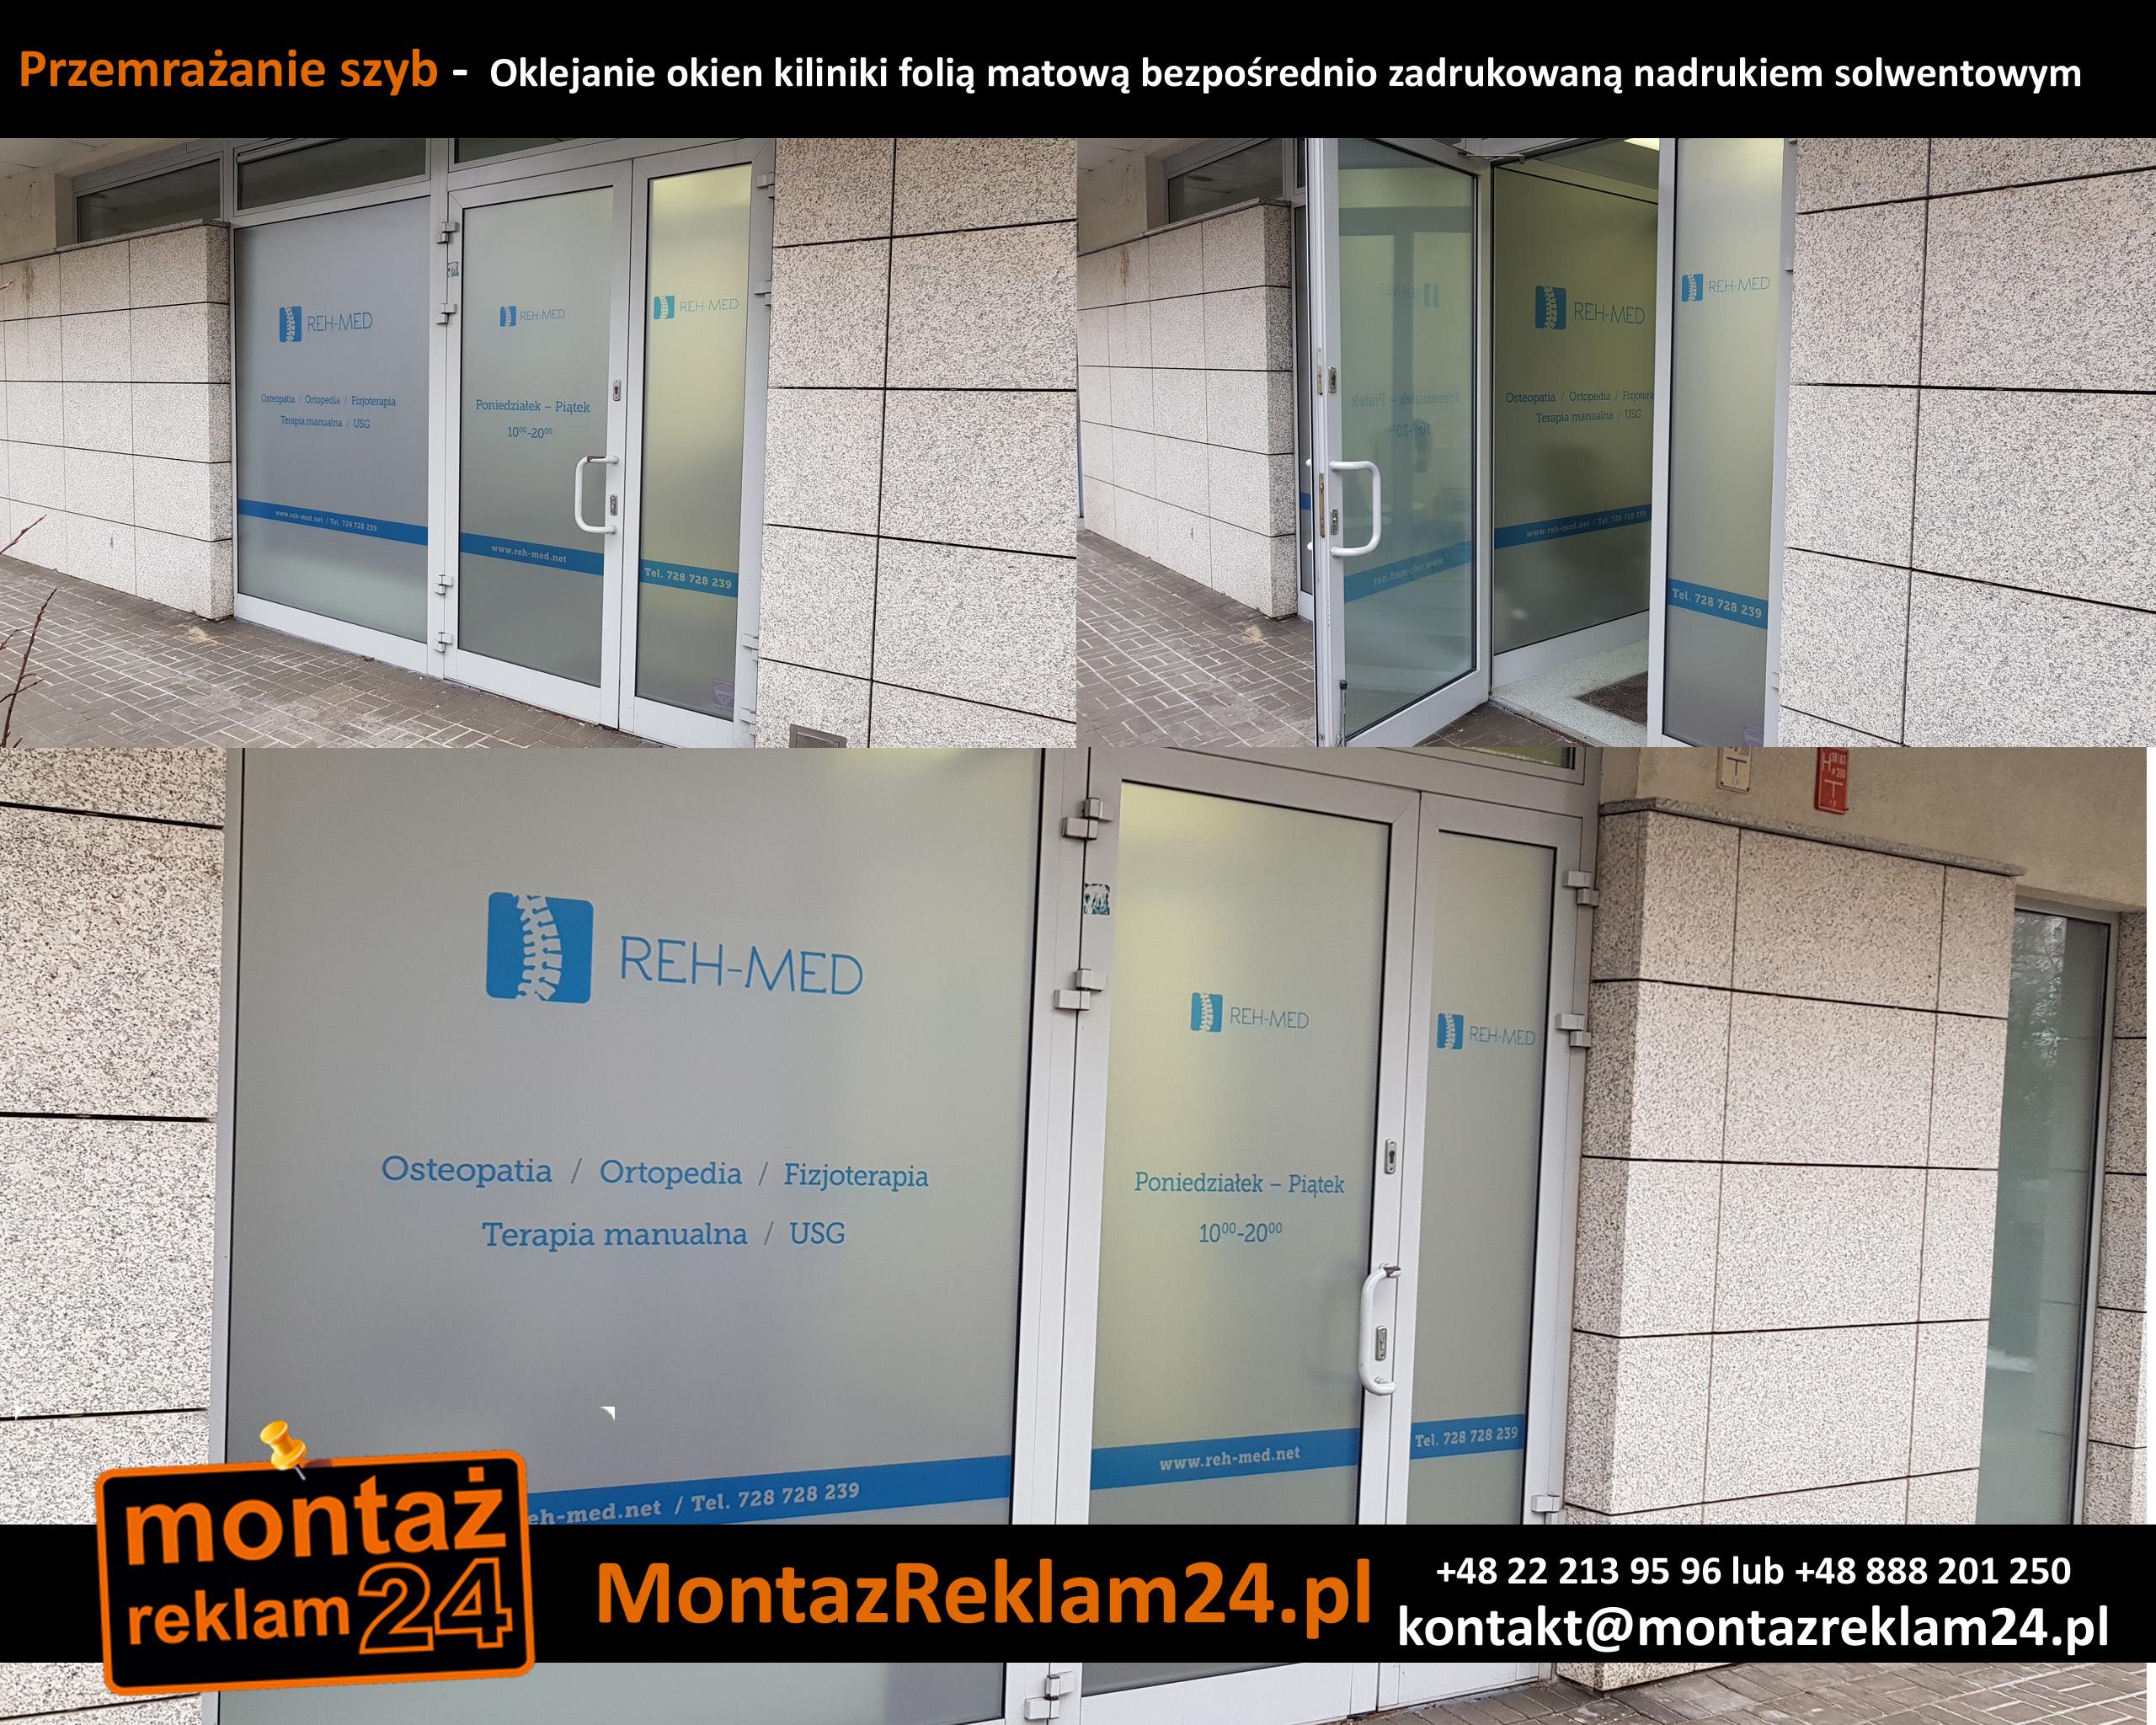 Przemrażanie szyb -  Oklejanie okien kiliniki folią matową bezpośrednio zadrukowaną nadrukiem solwentowym.jpg